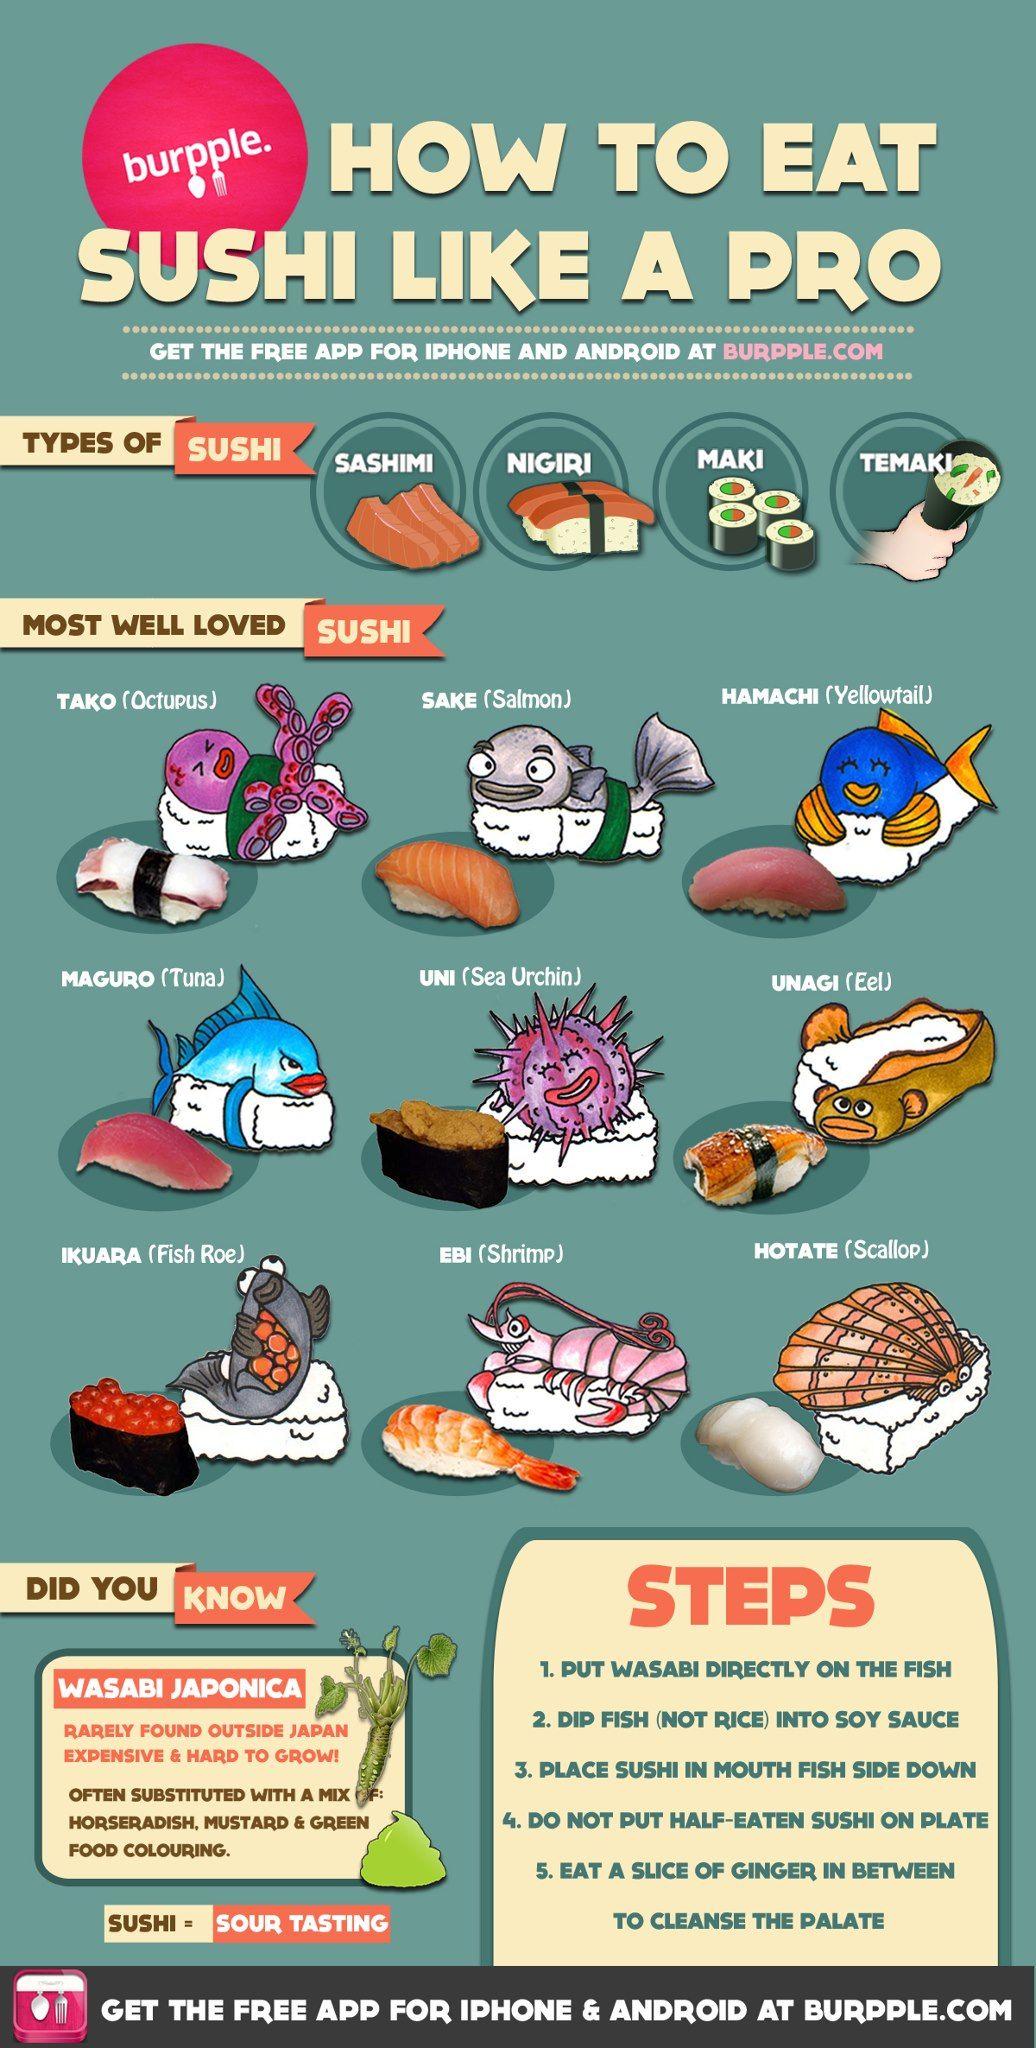 Eat Sushi like a Pro